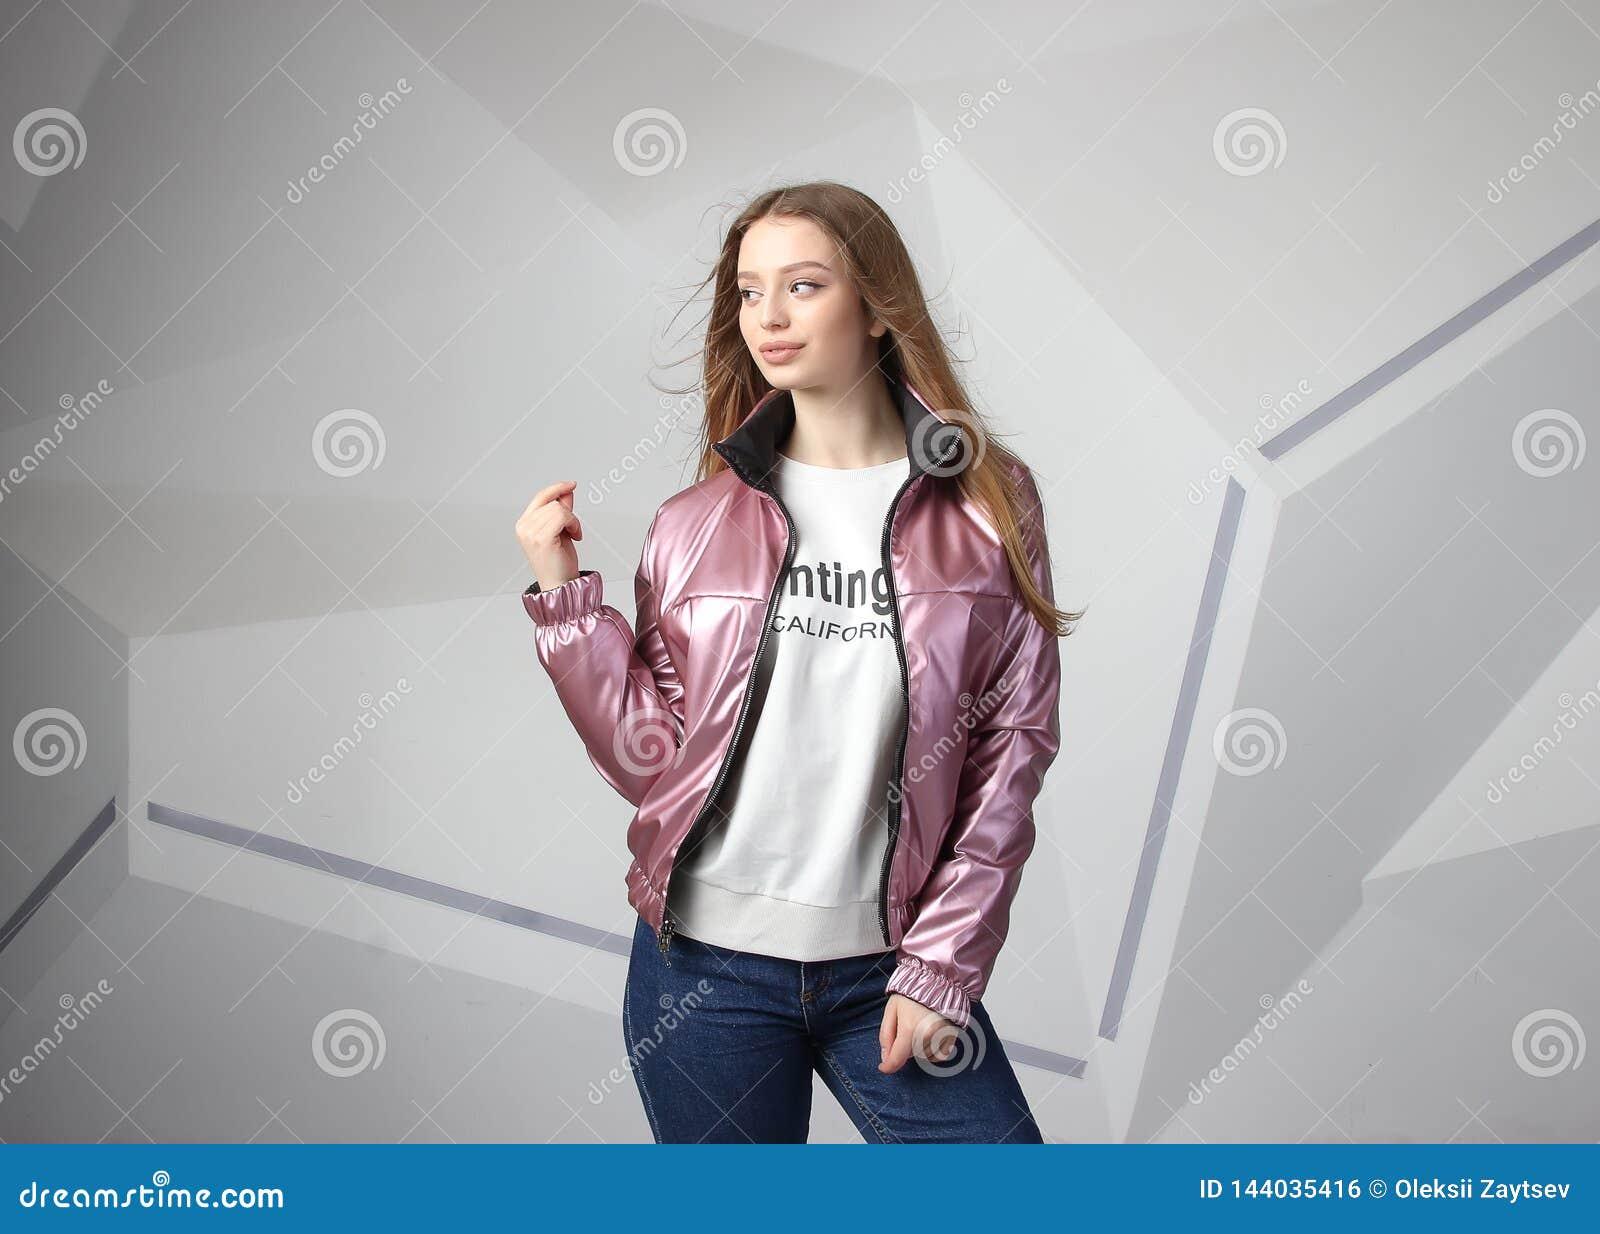 Куртка девушки маленькой девочки нося с зоной для вашего логотипа, модель-макетом hoodie белых женщин